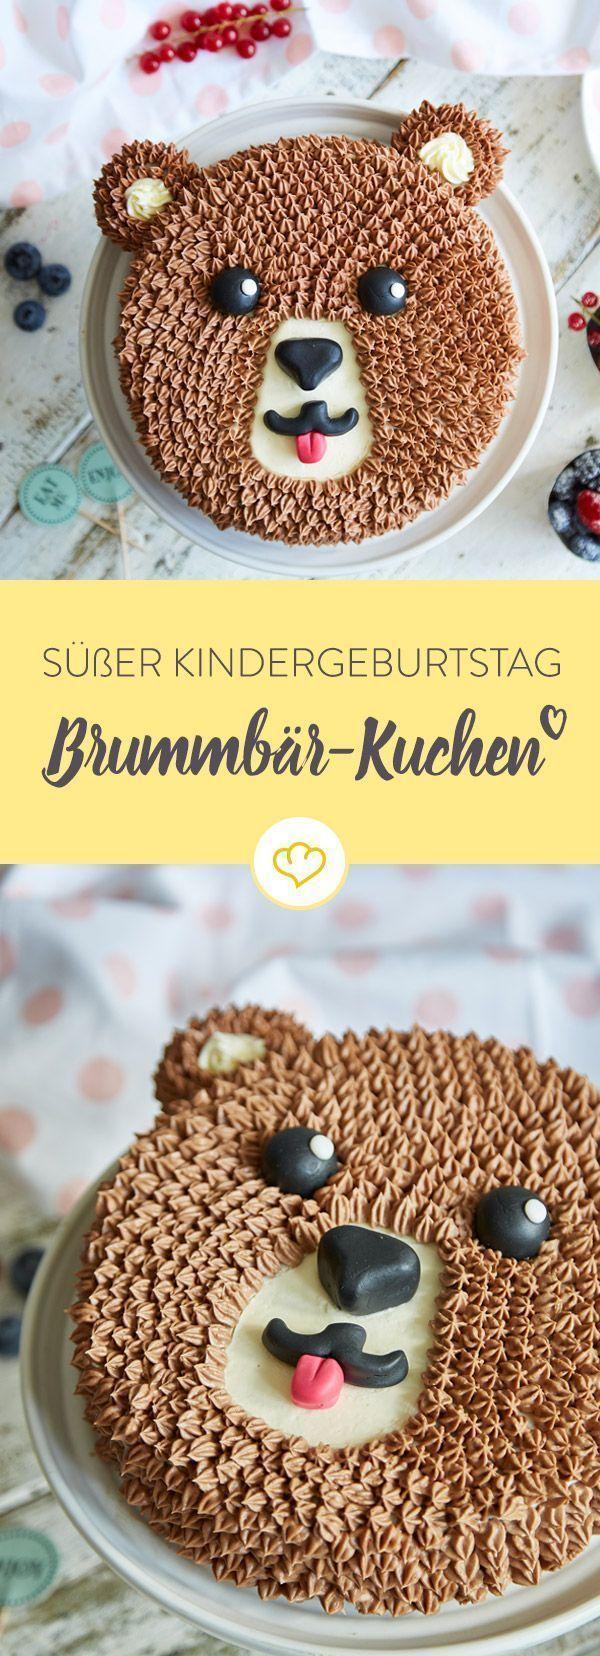 Kindergeburtstag mit Brummbär-Torte – Kindergeburtstag: Deko, Rezepte, Spielideen, Einladungskarten